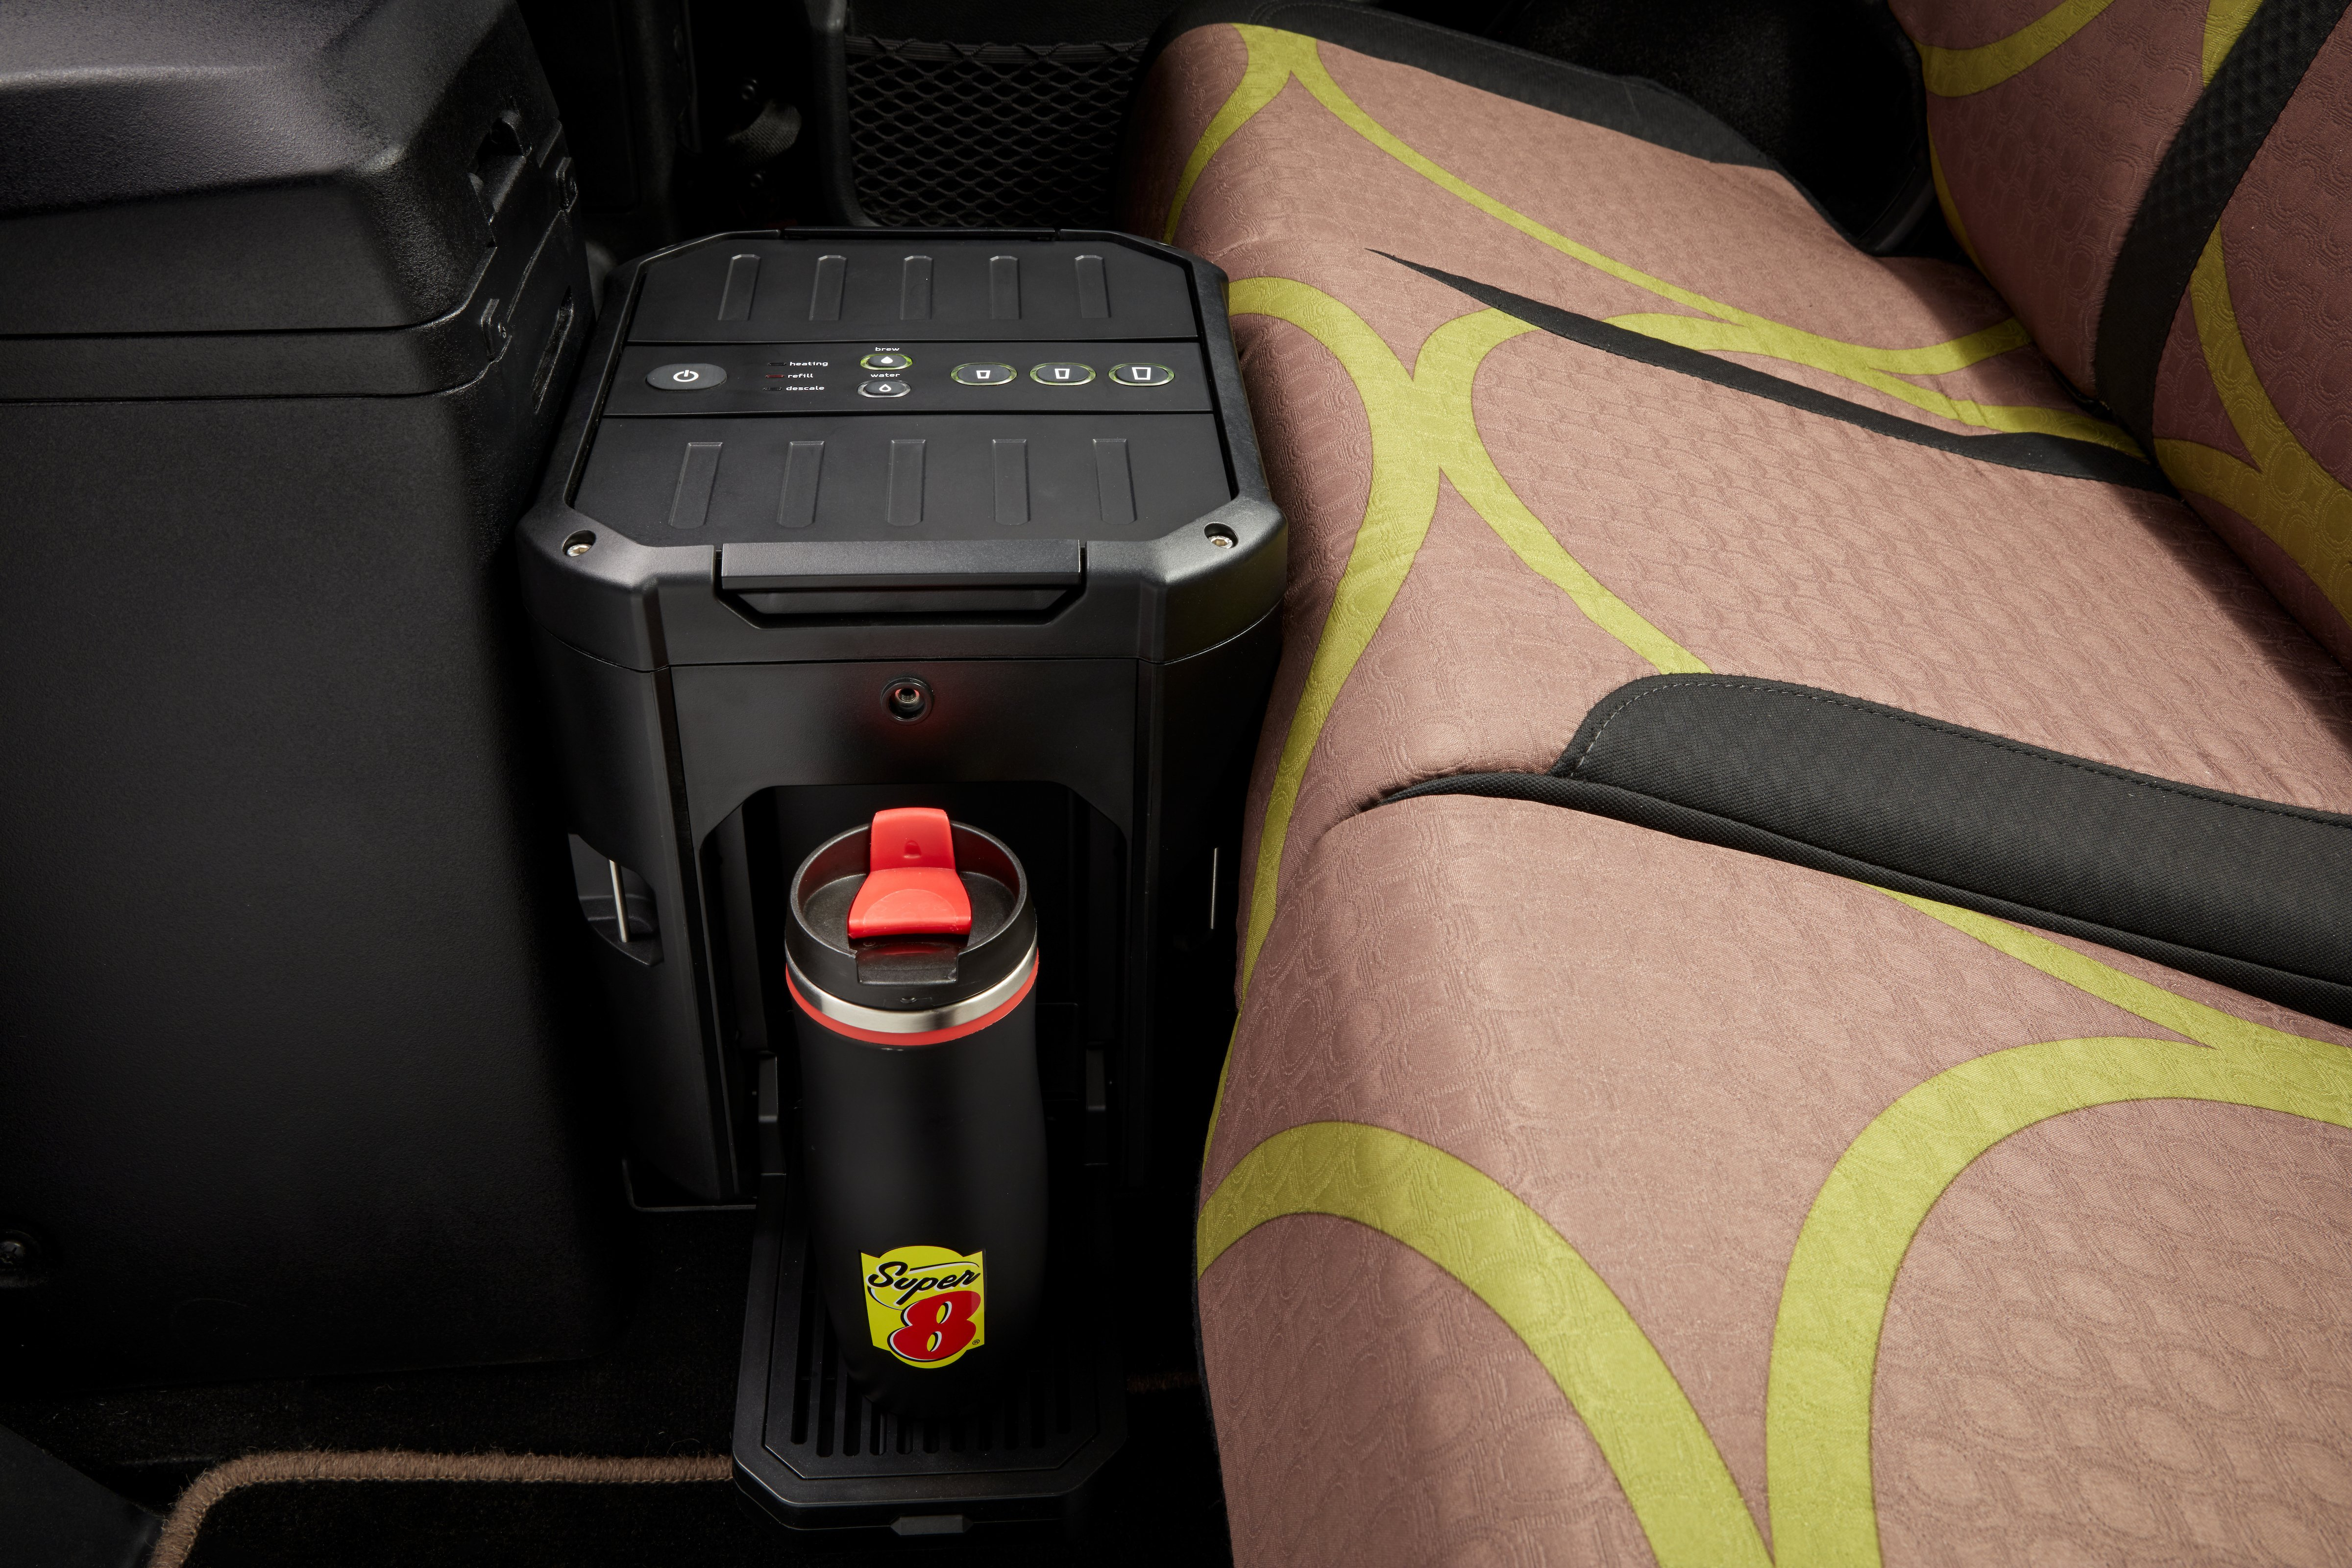 The car has a built-incoffee machine